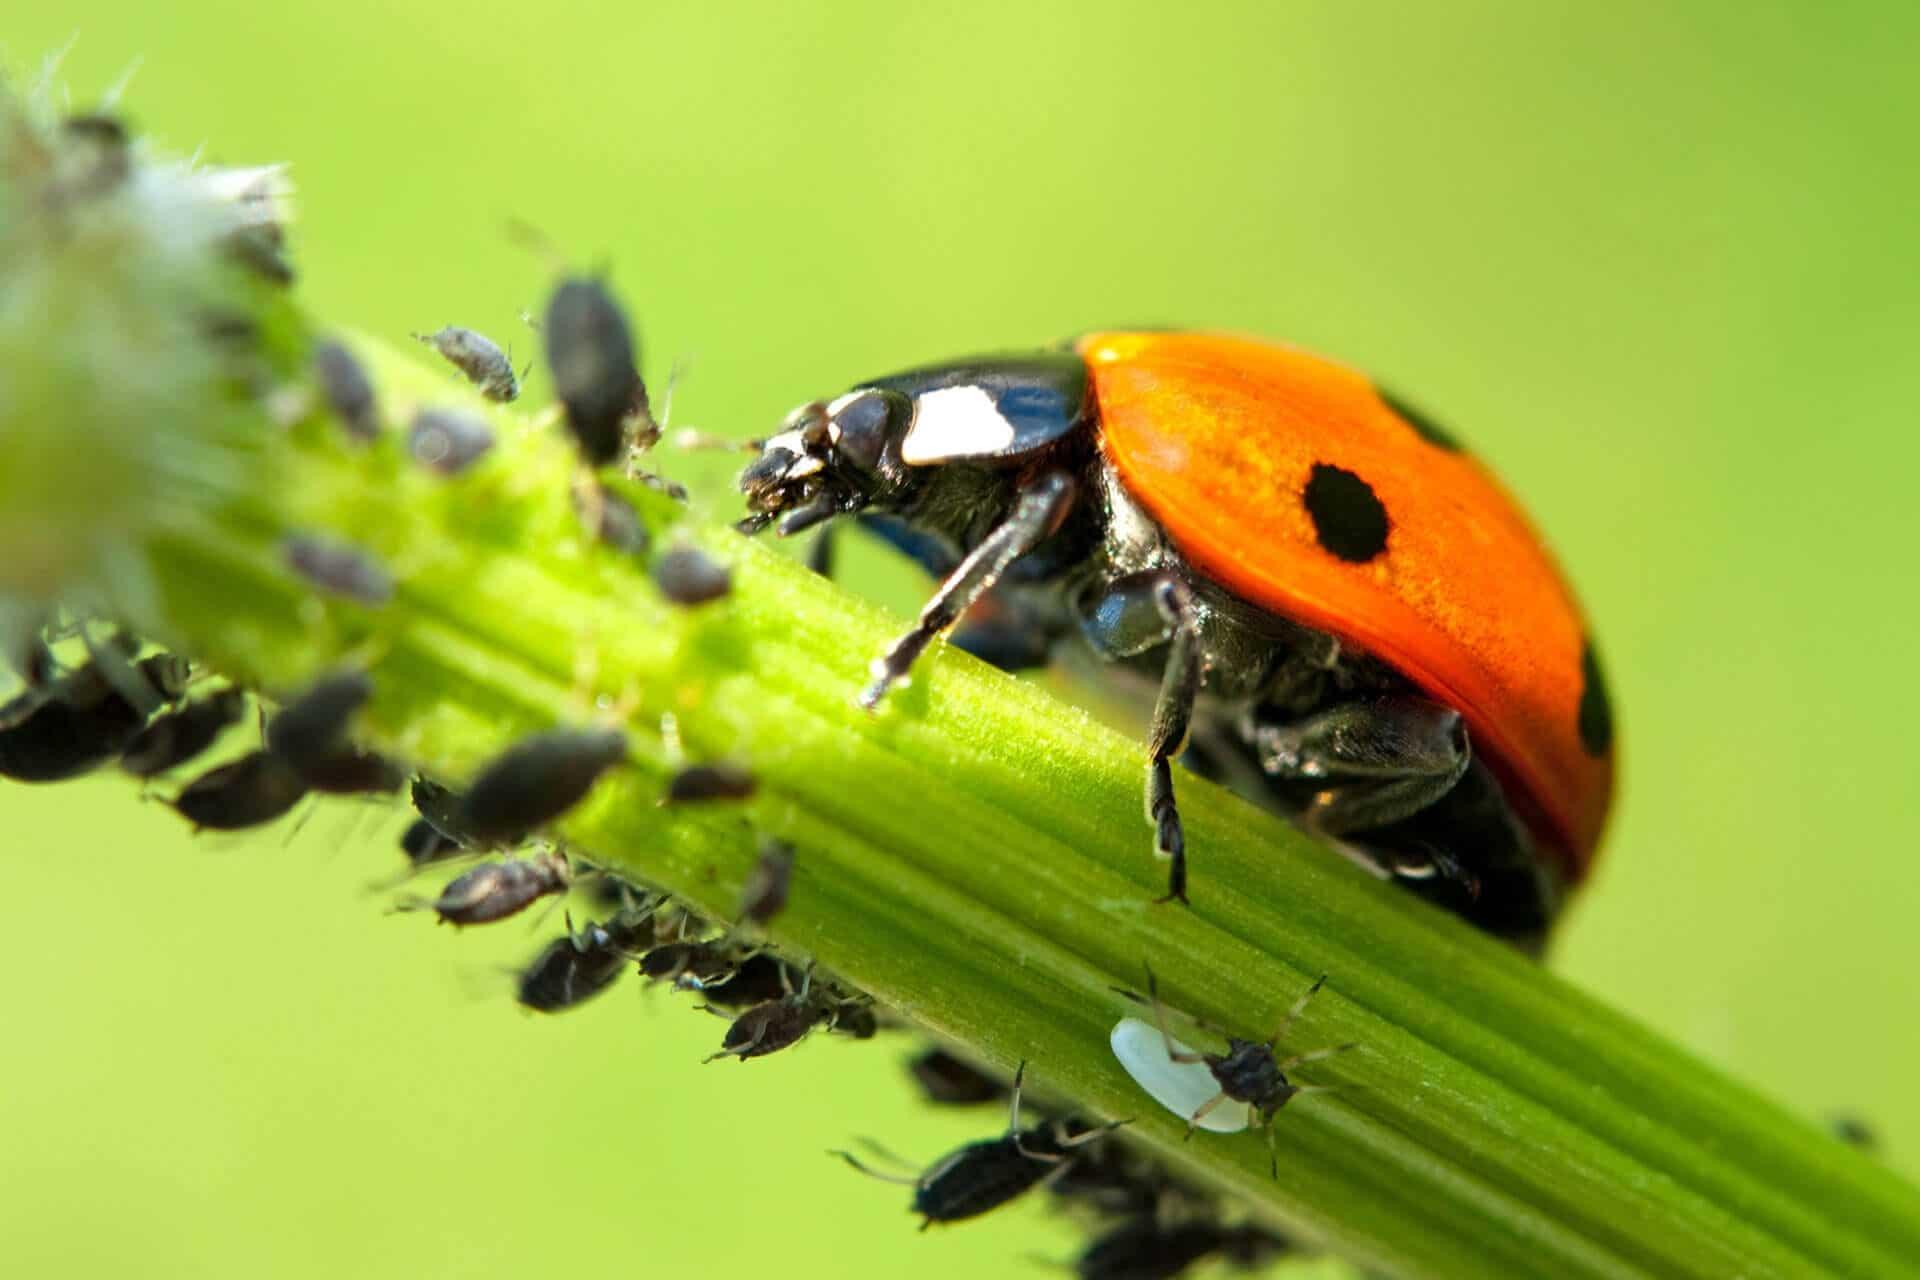 Natürliche Schädlingsbekämpfung durch Nützlinge